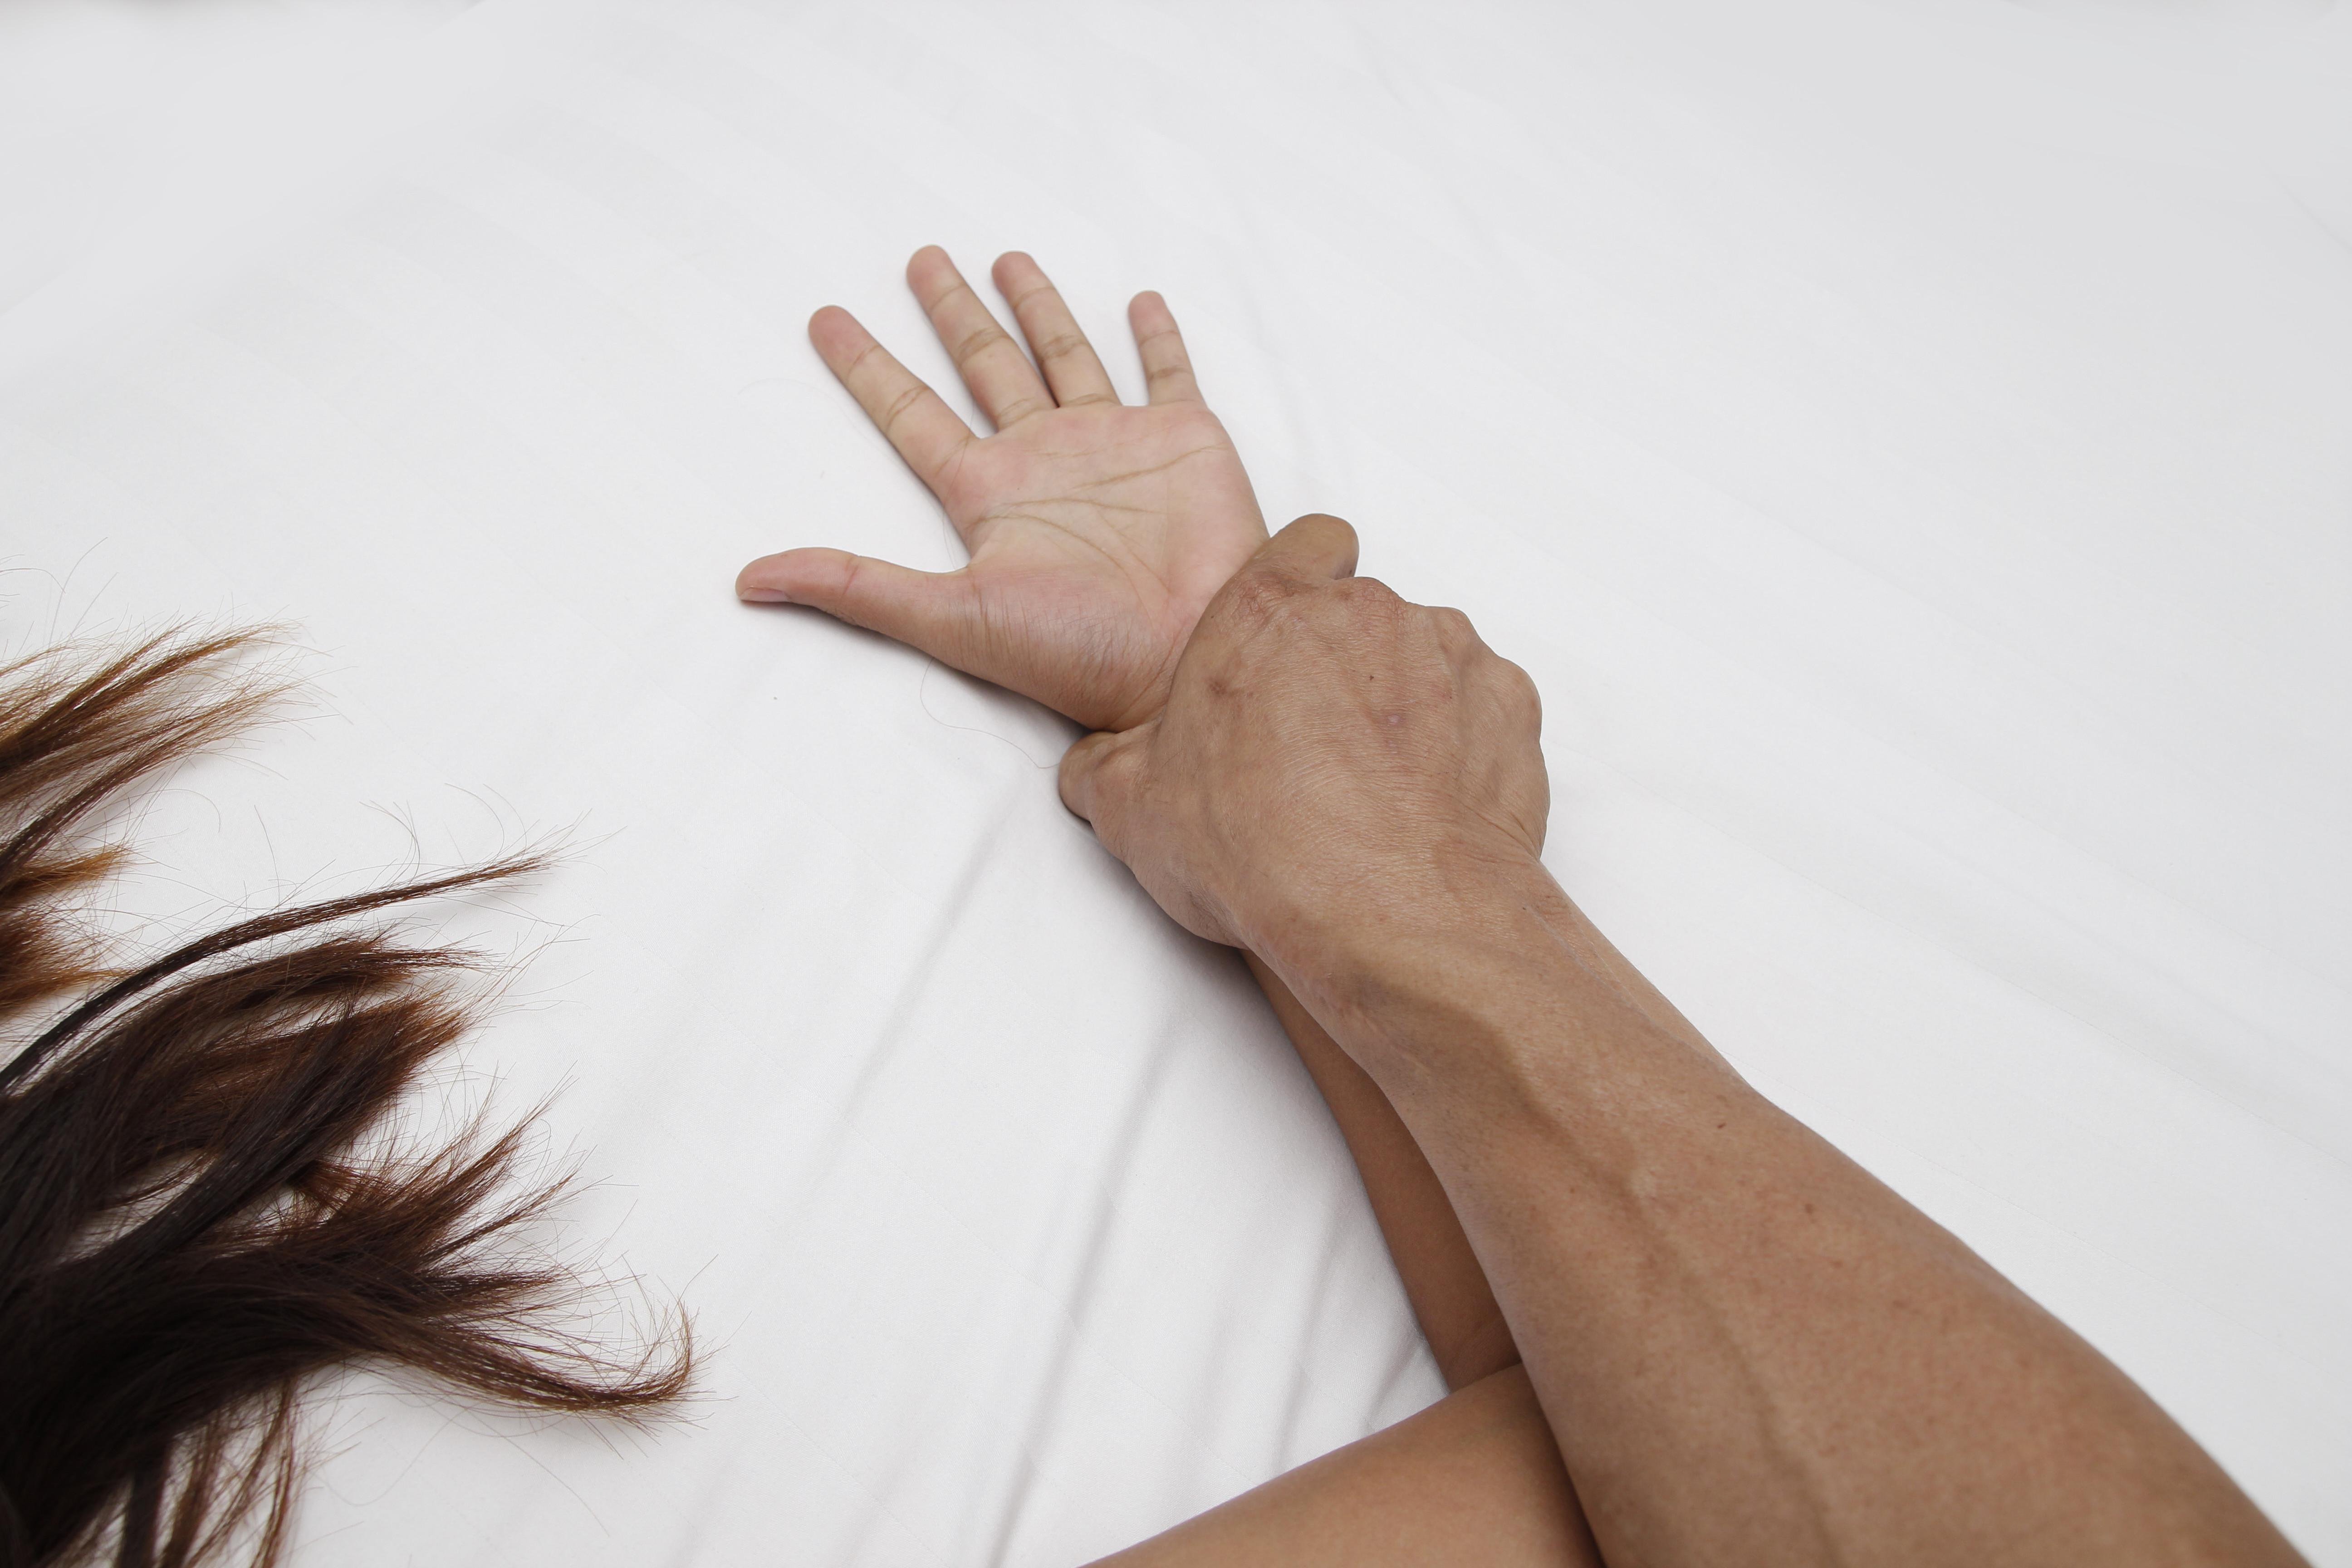 Registros de crimes sexuais crescem 265% no transporte público paulista